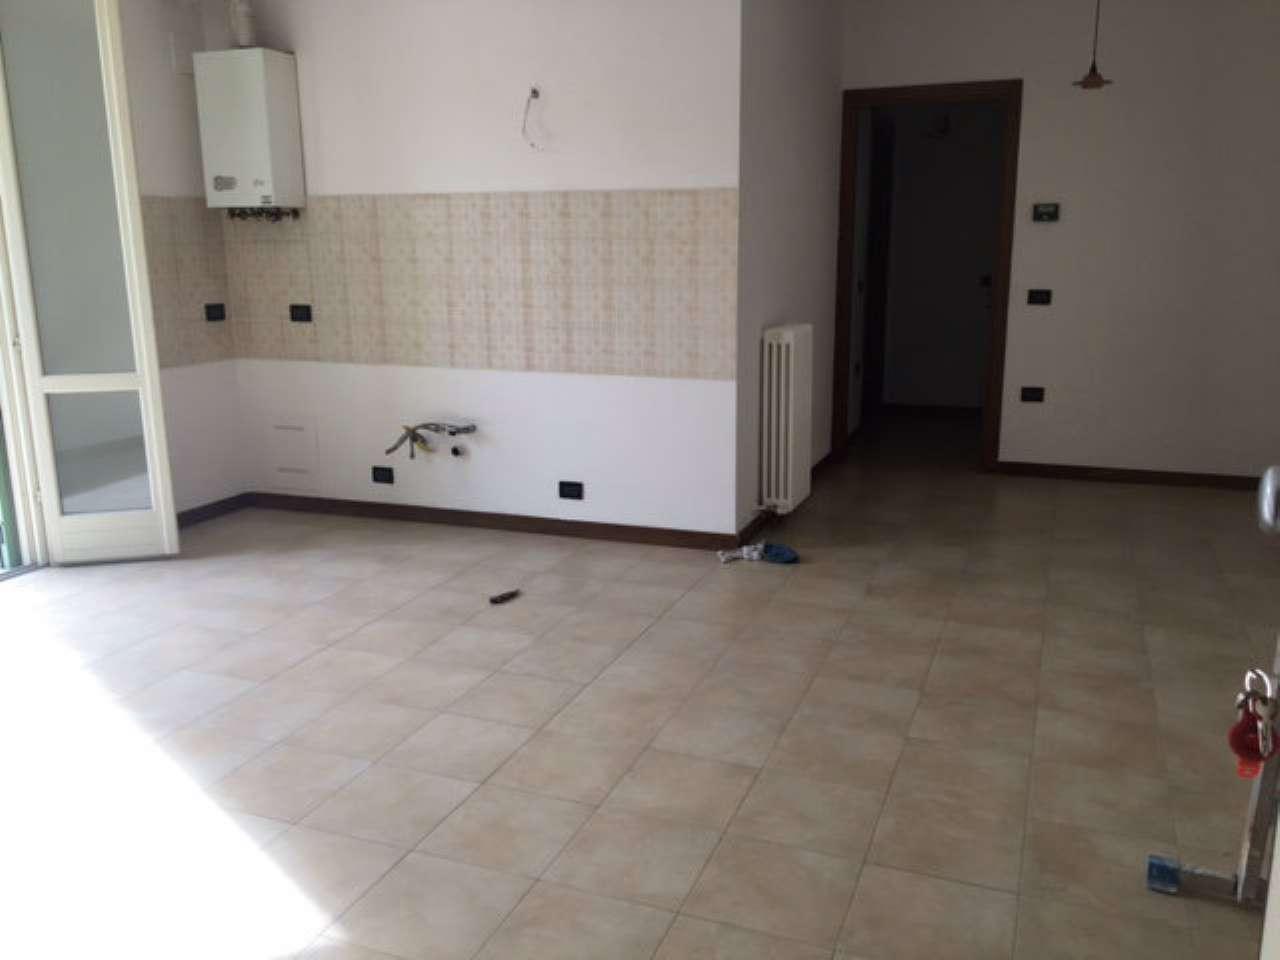 Appartamento in affitto a Viadana, 2 locali, prezzo € 400 | CambioCasa.it